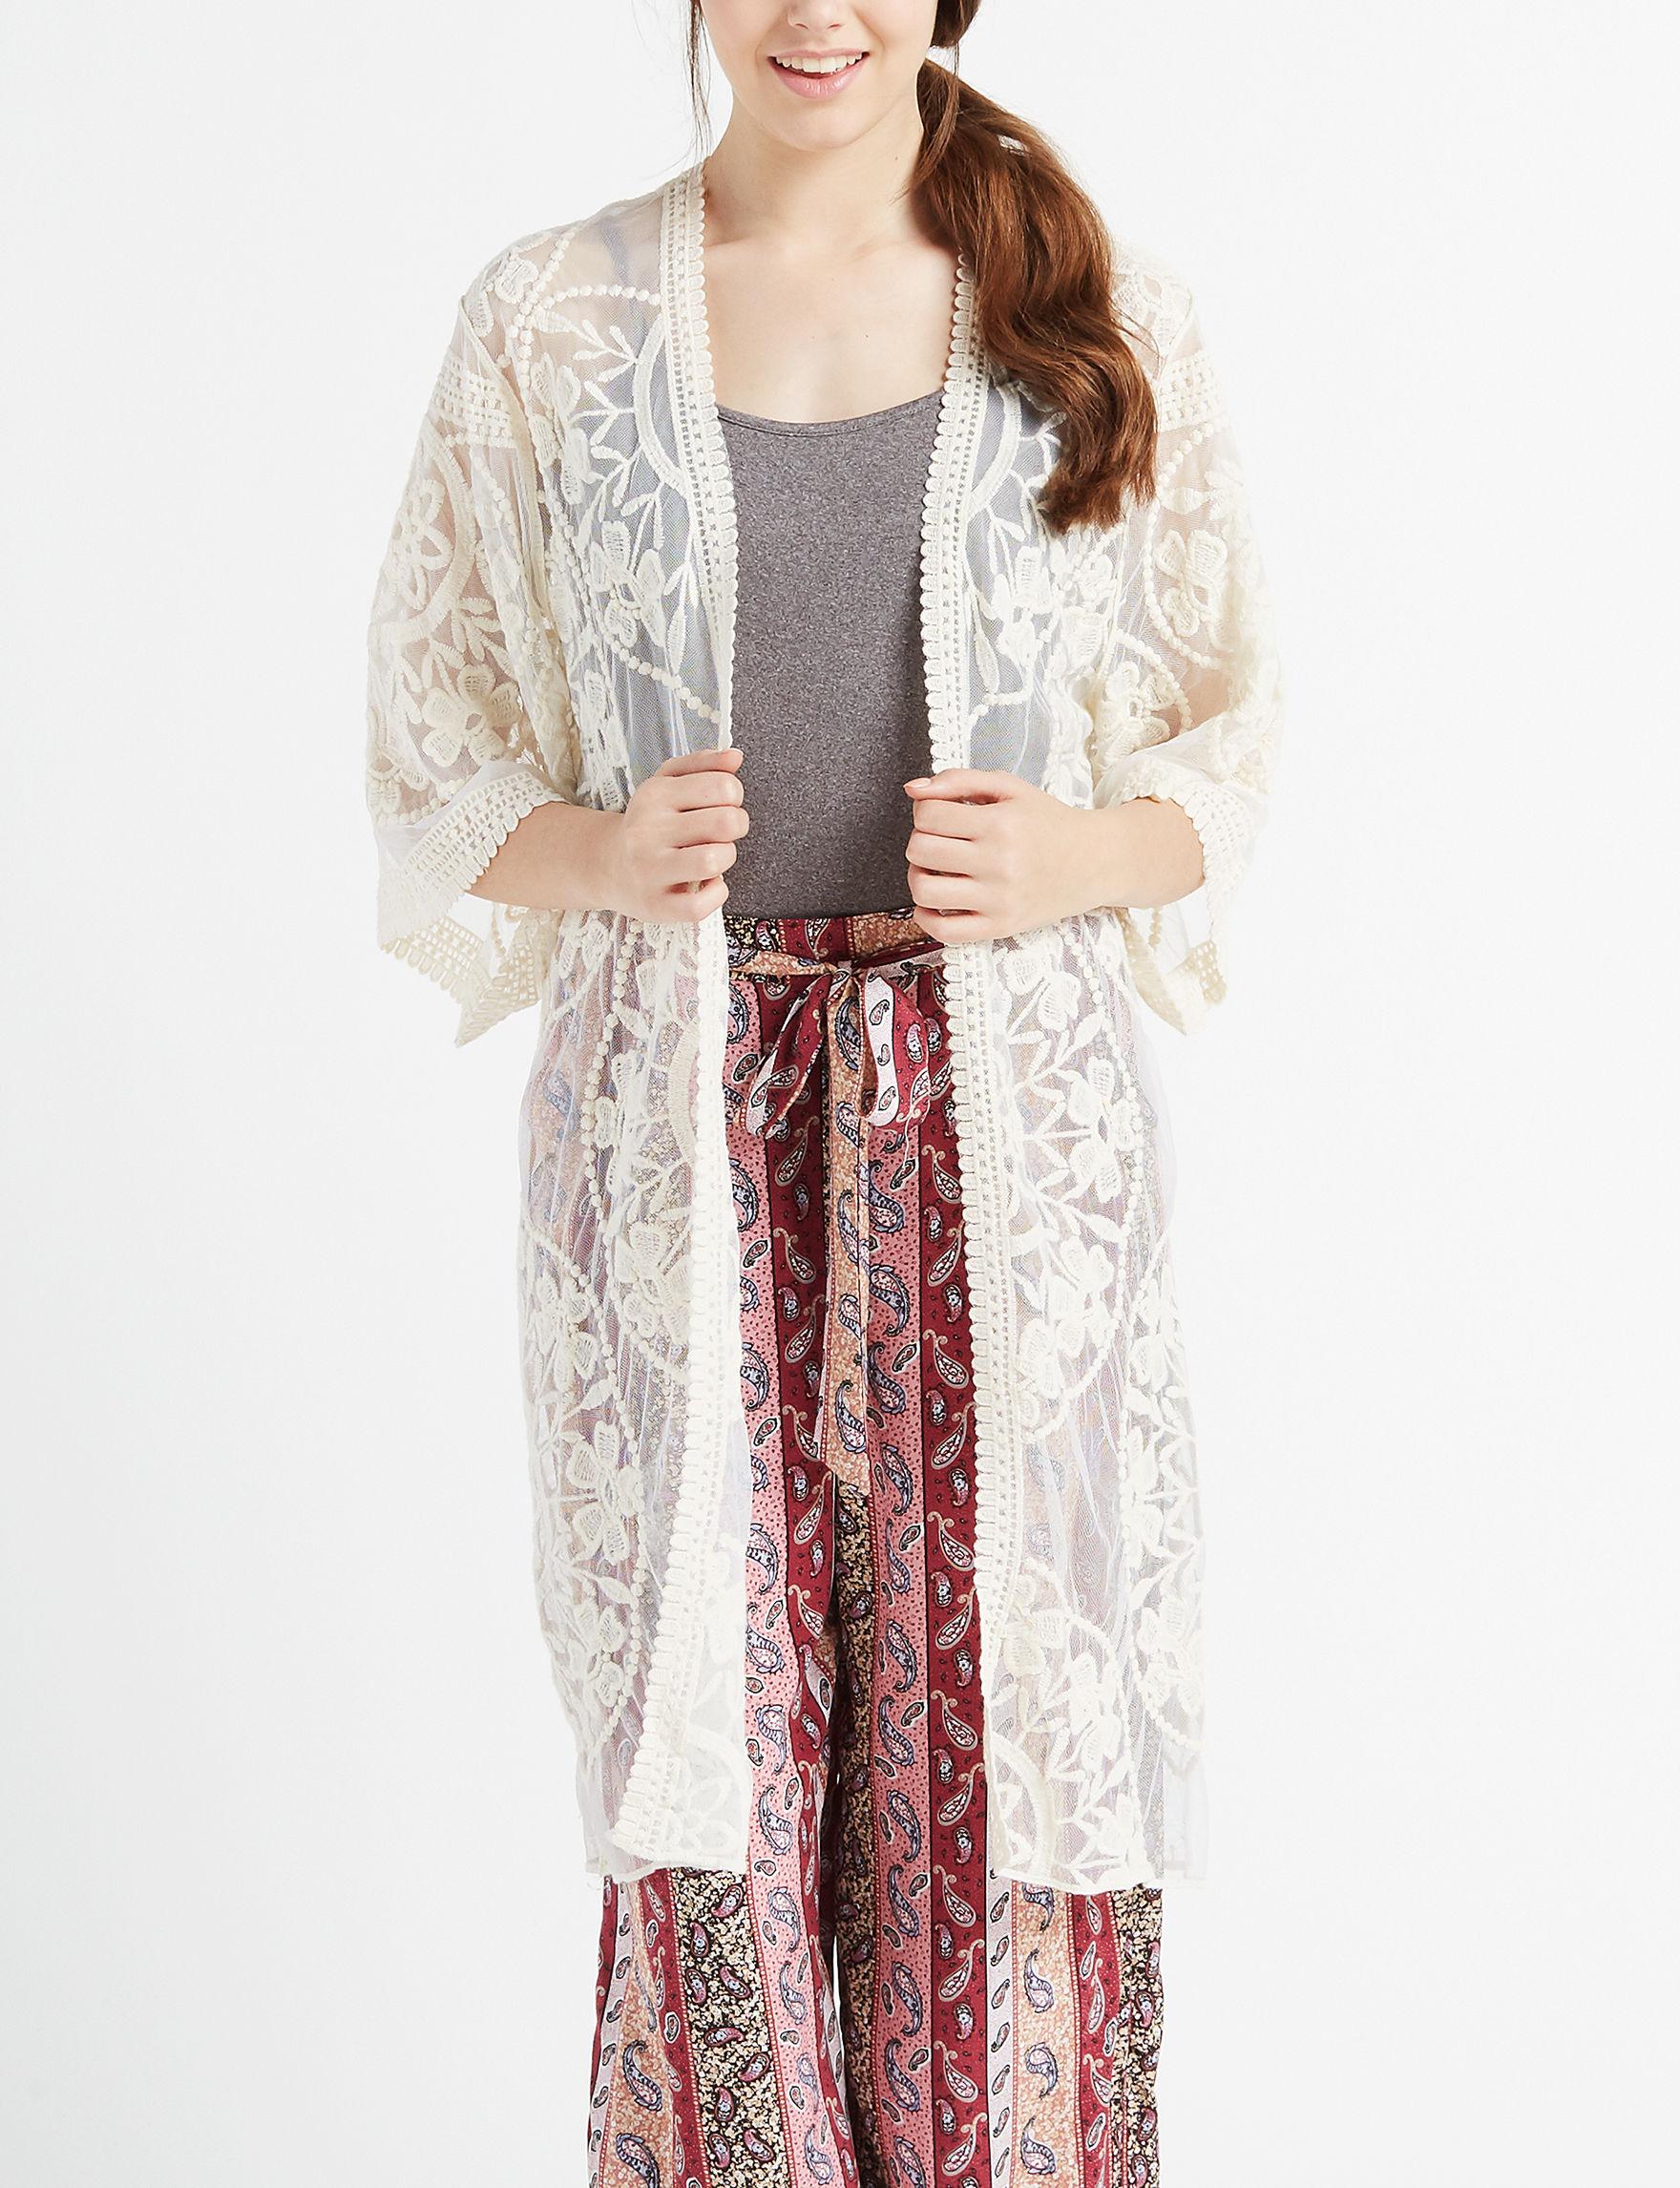 Eyeshadow Off White Cardigans Kimonos & Toppers